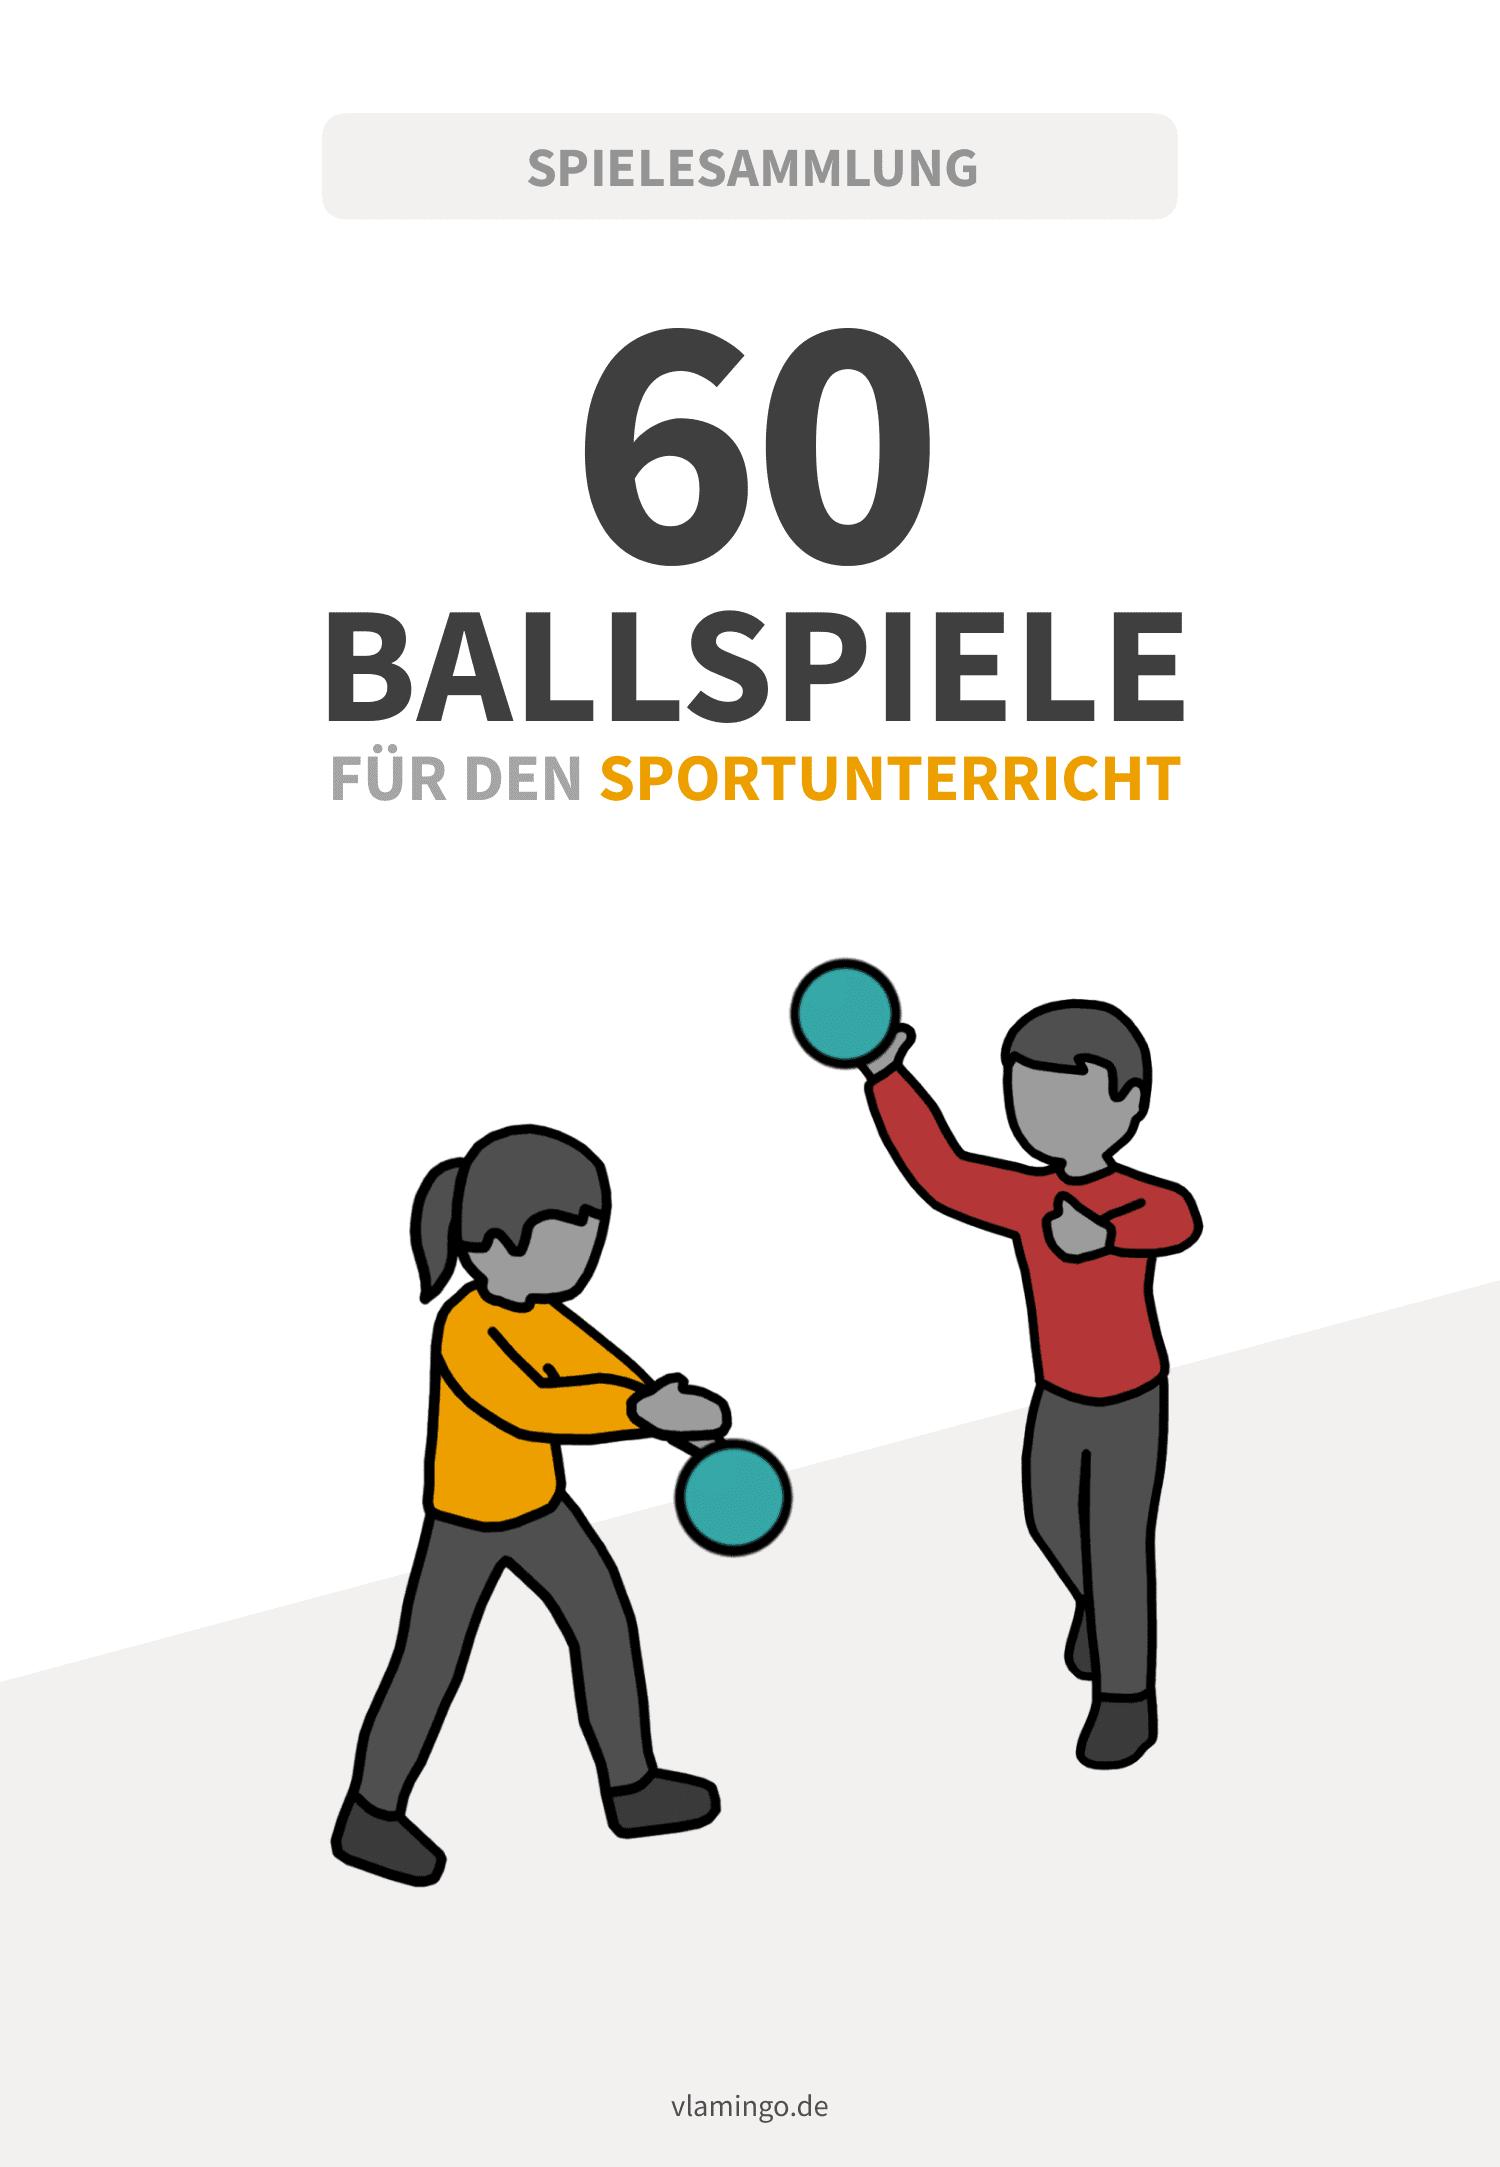 60 Ballspiele für den Sportunterricht & Verein